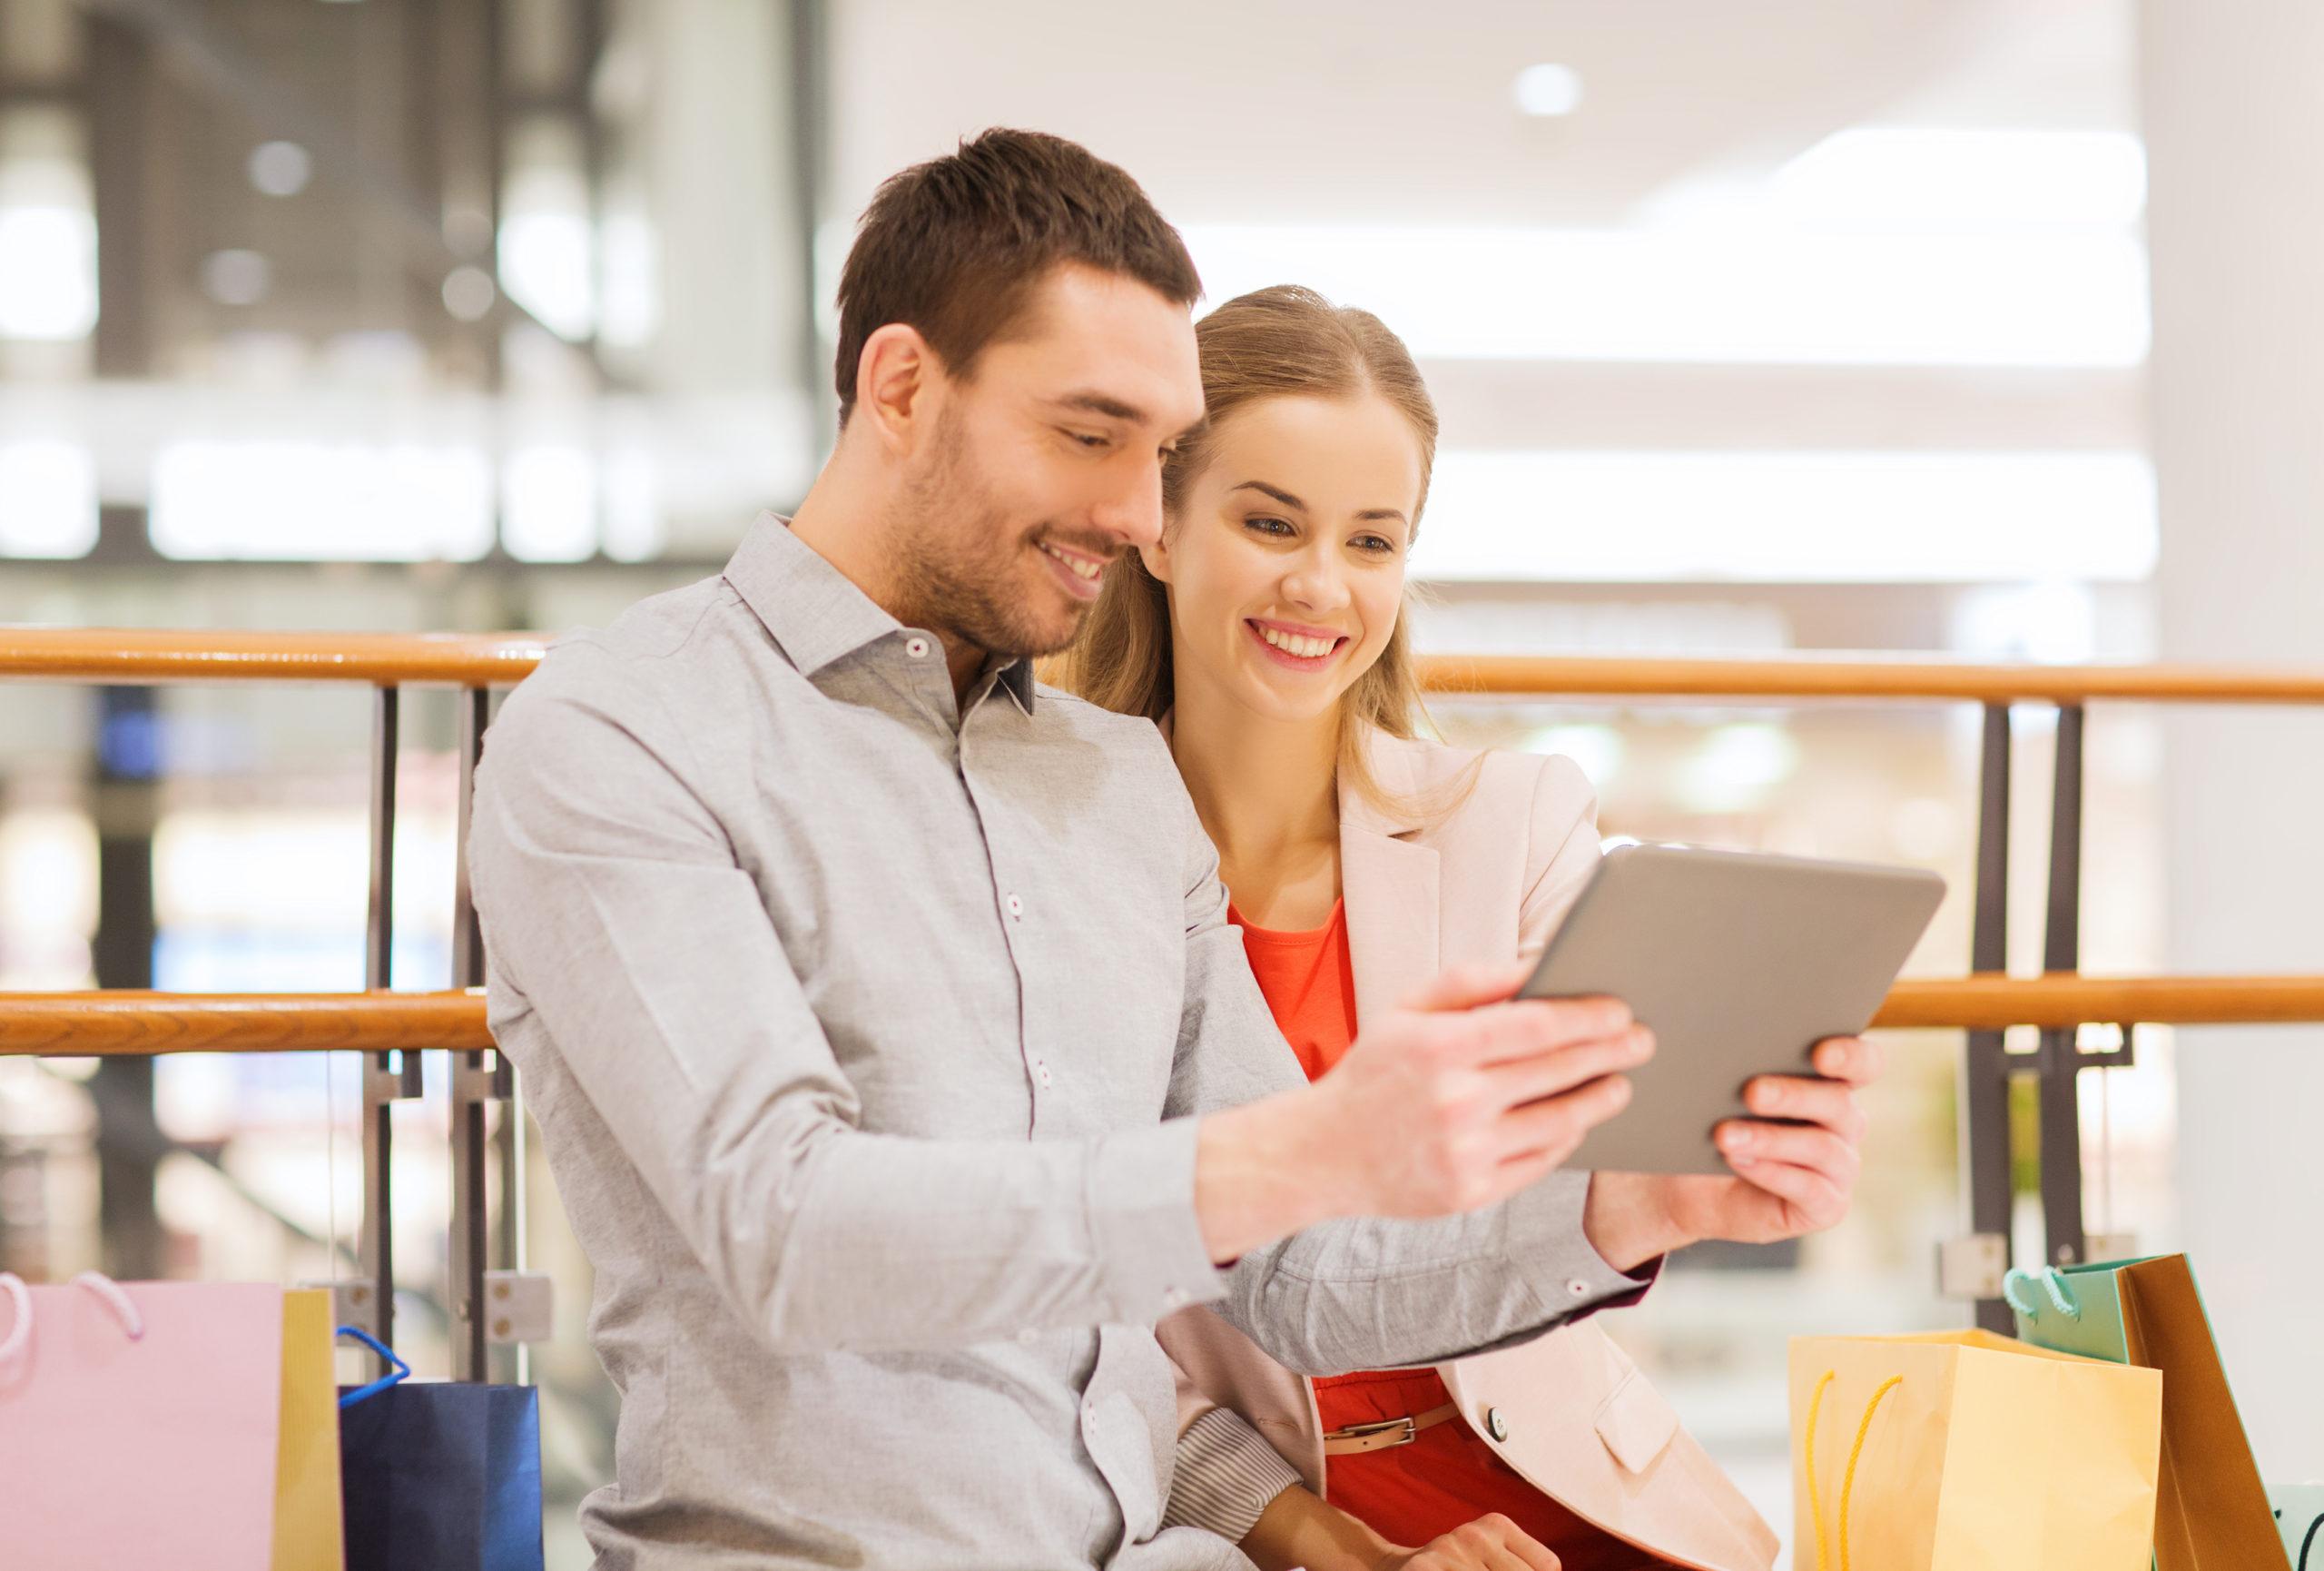 Mann und Frau beim Einkaufserlebnis